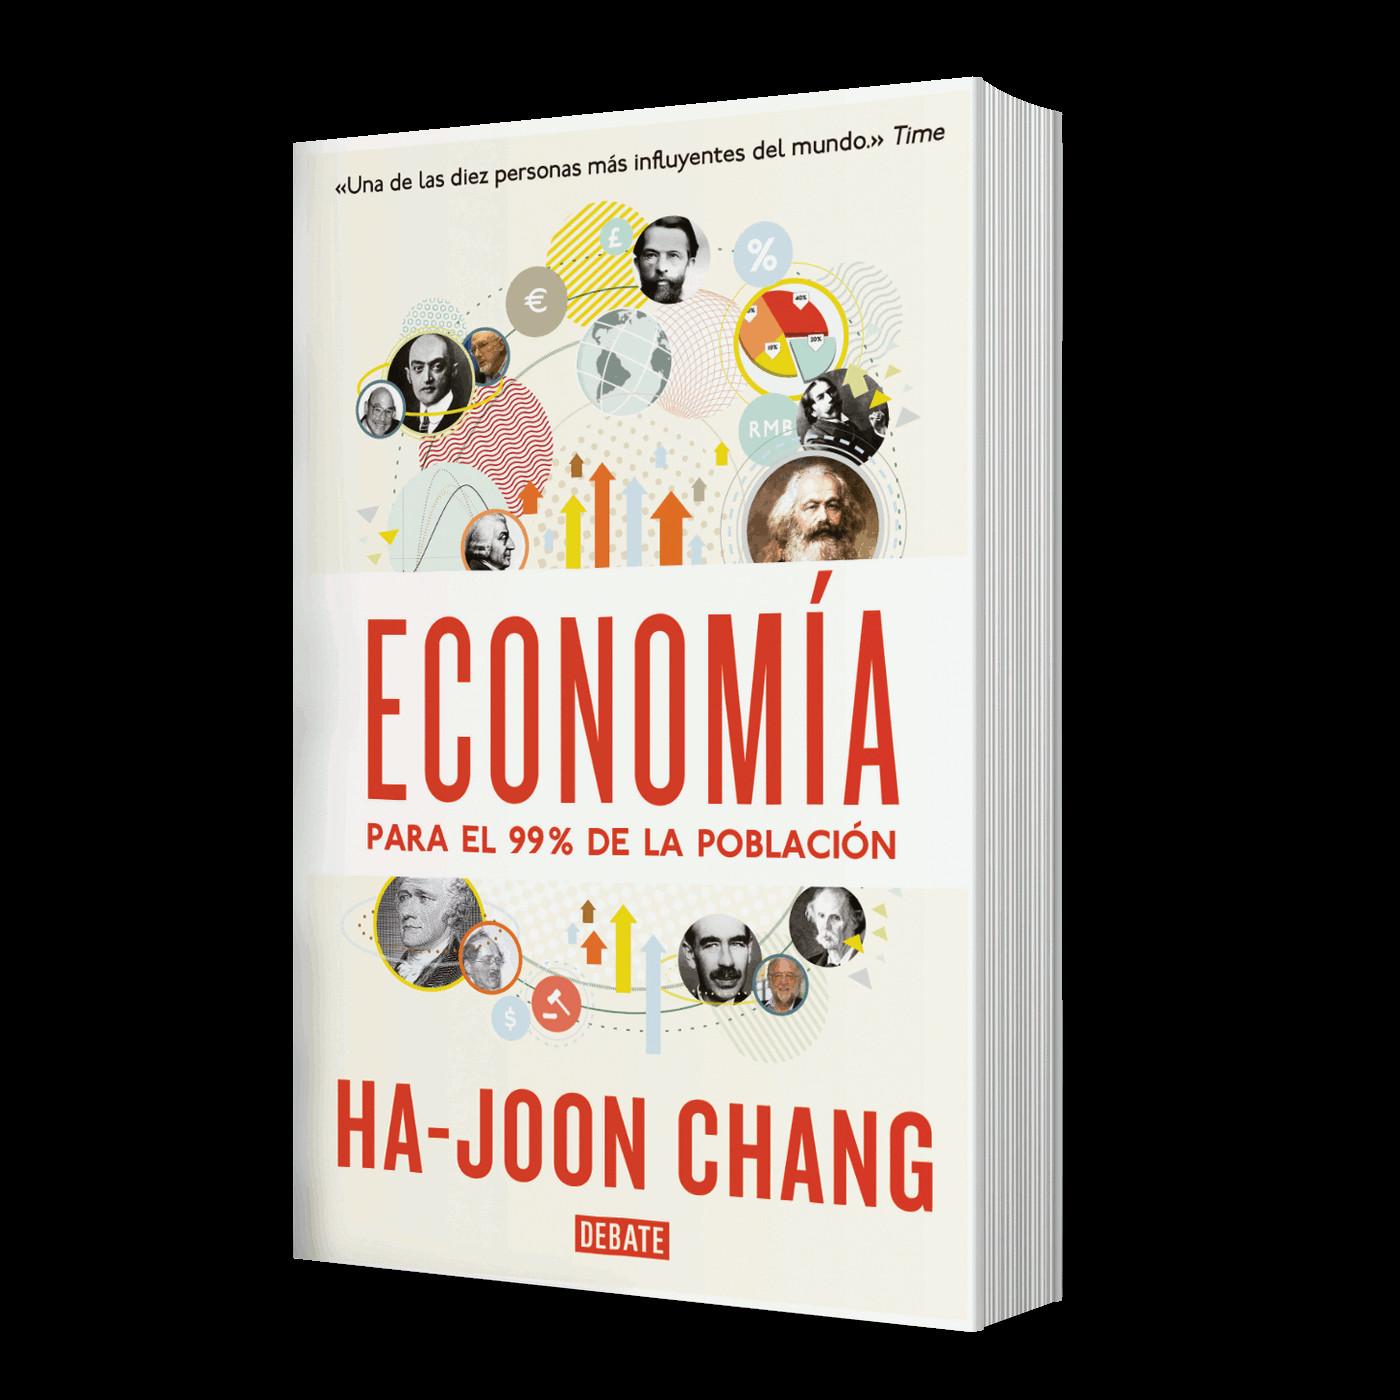 Economia Para El 99 De La Población De Ha Joon Chang En No Ficción En Mp3 25 08 A Las 23 50 31 13 25 11607732 Ivoox